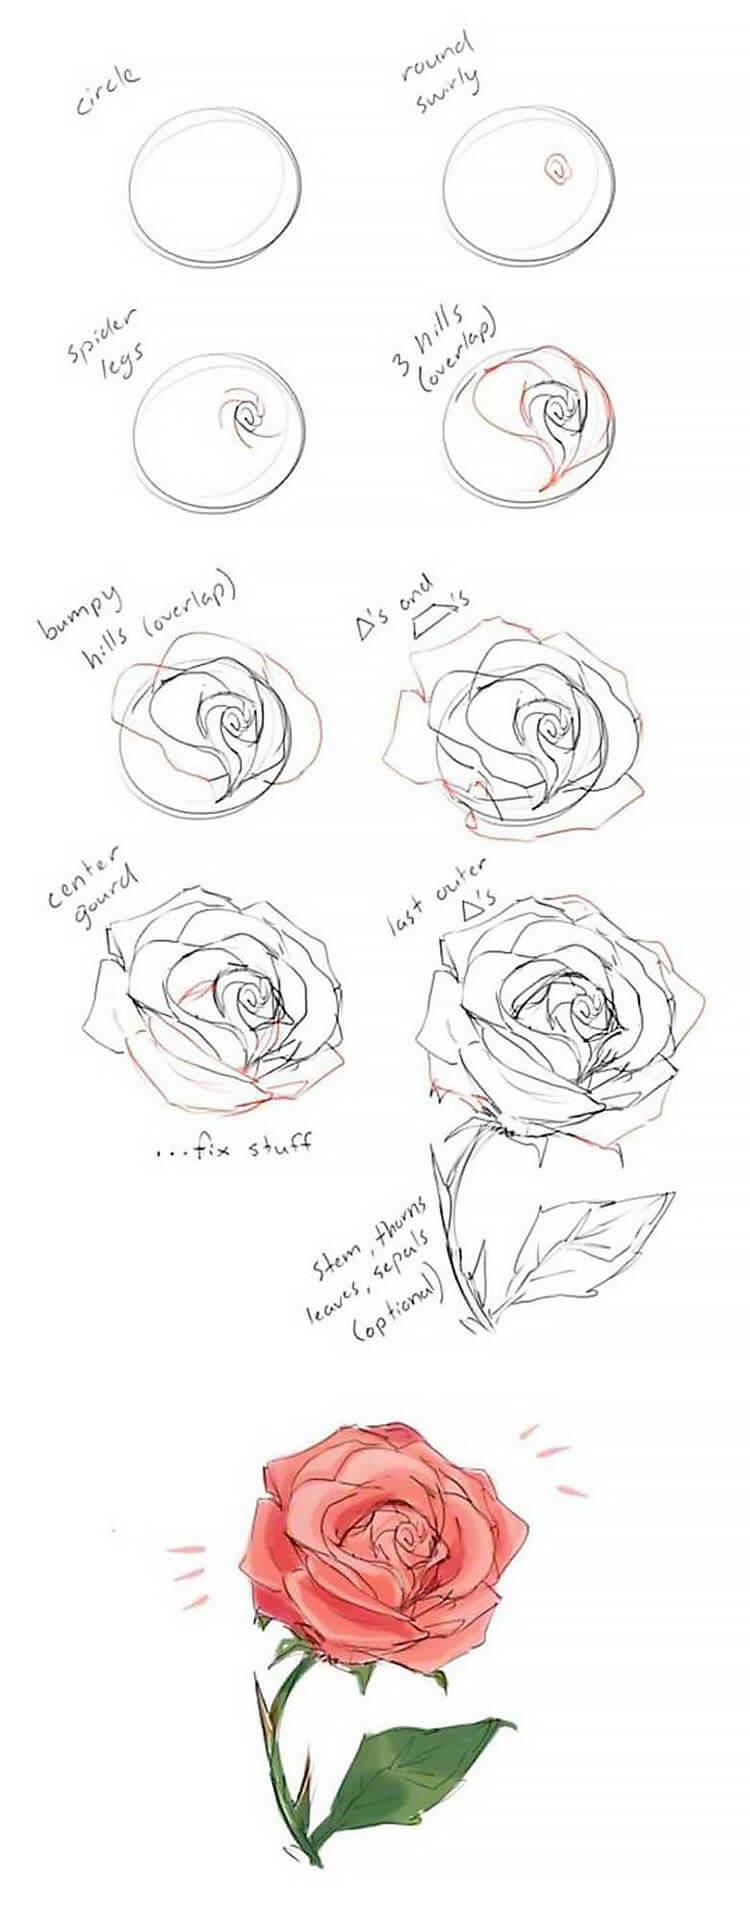 tutorial detallado de cómo dibujar rosa